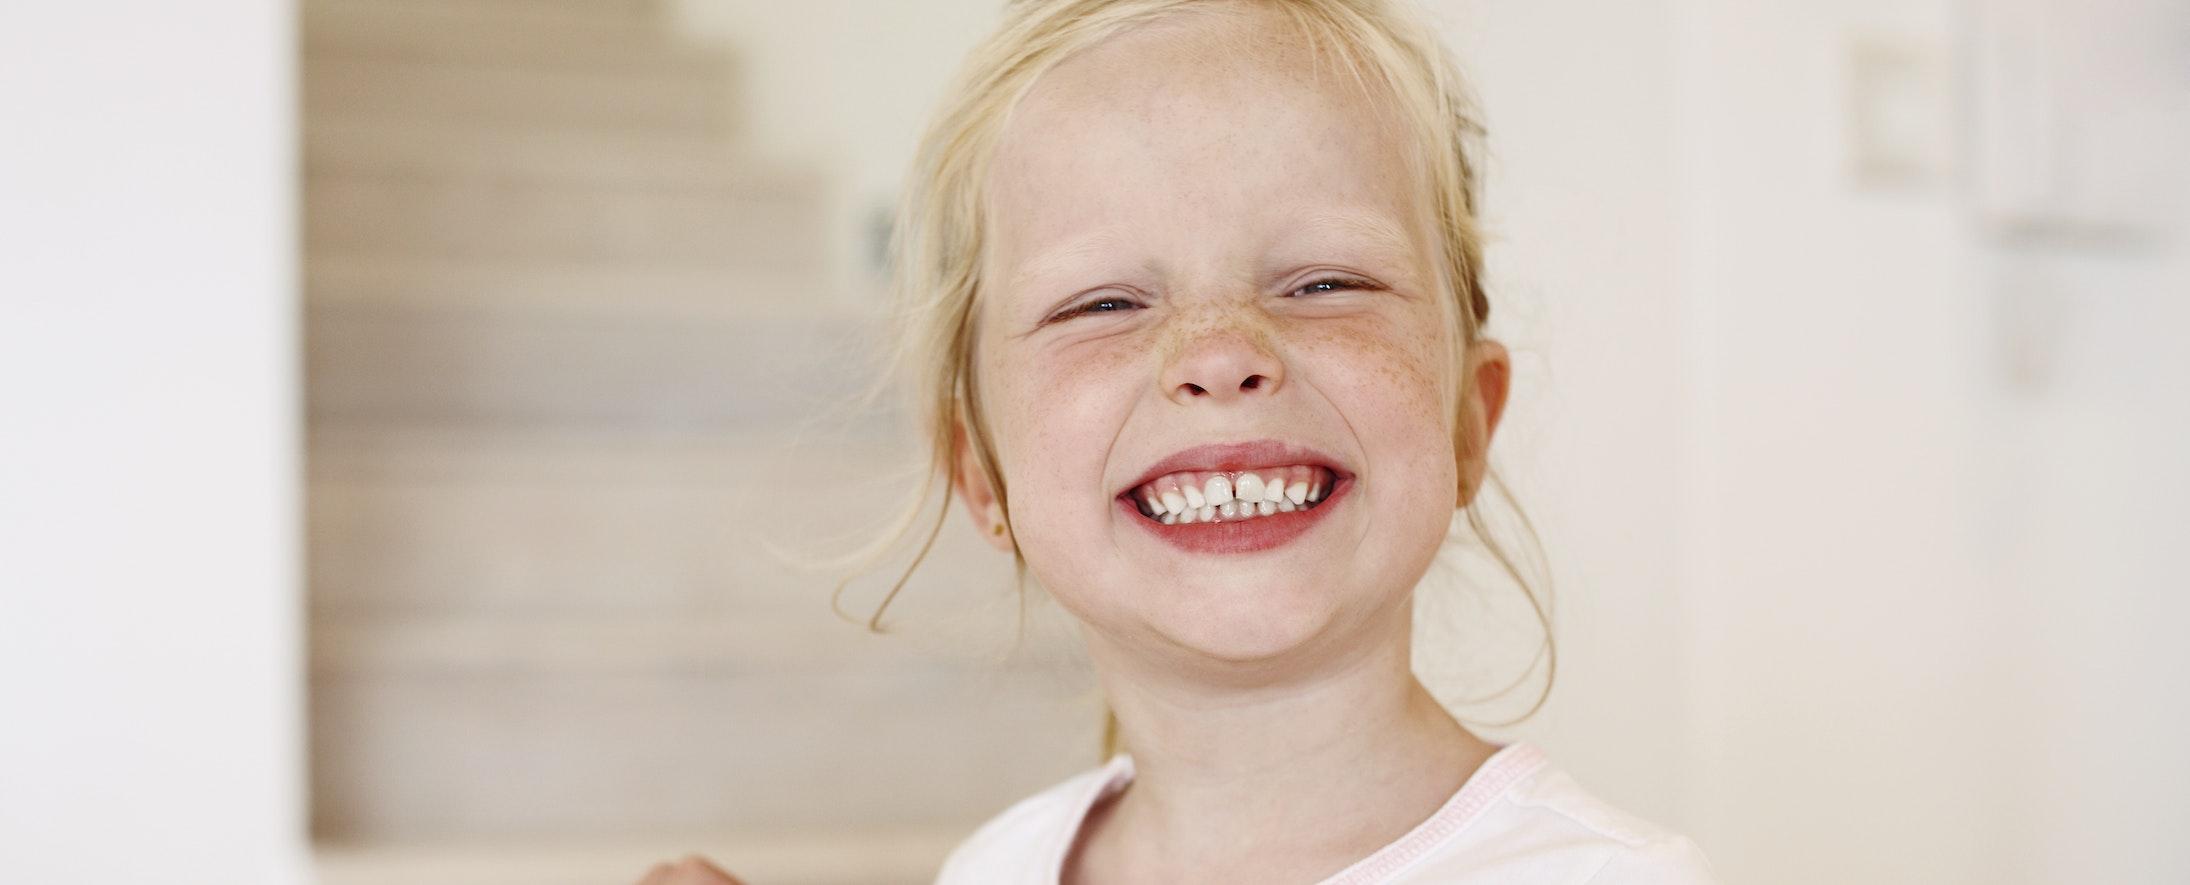 Zahnvorsorge für Kinder und Jugendliche